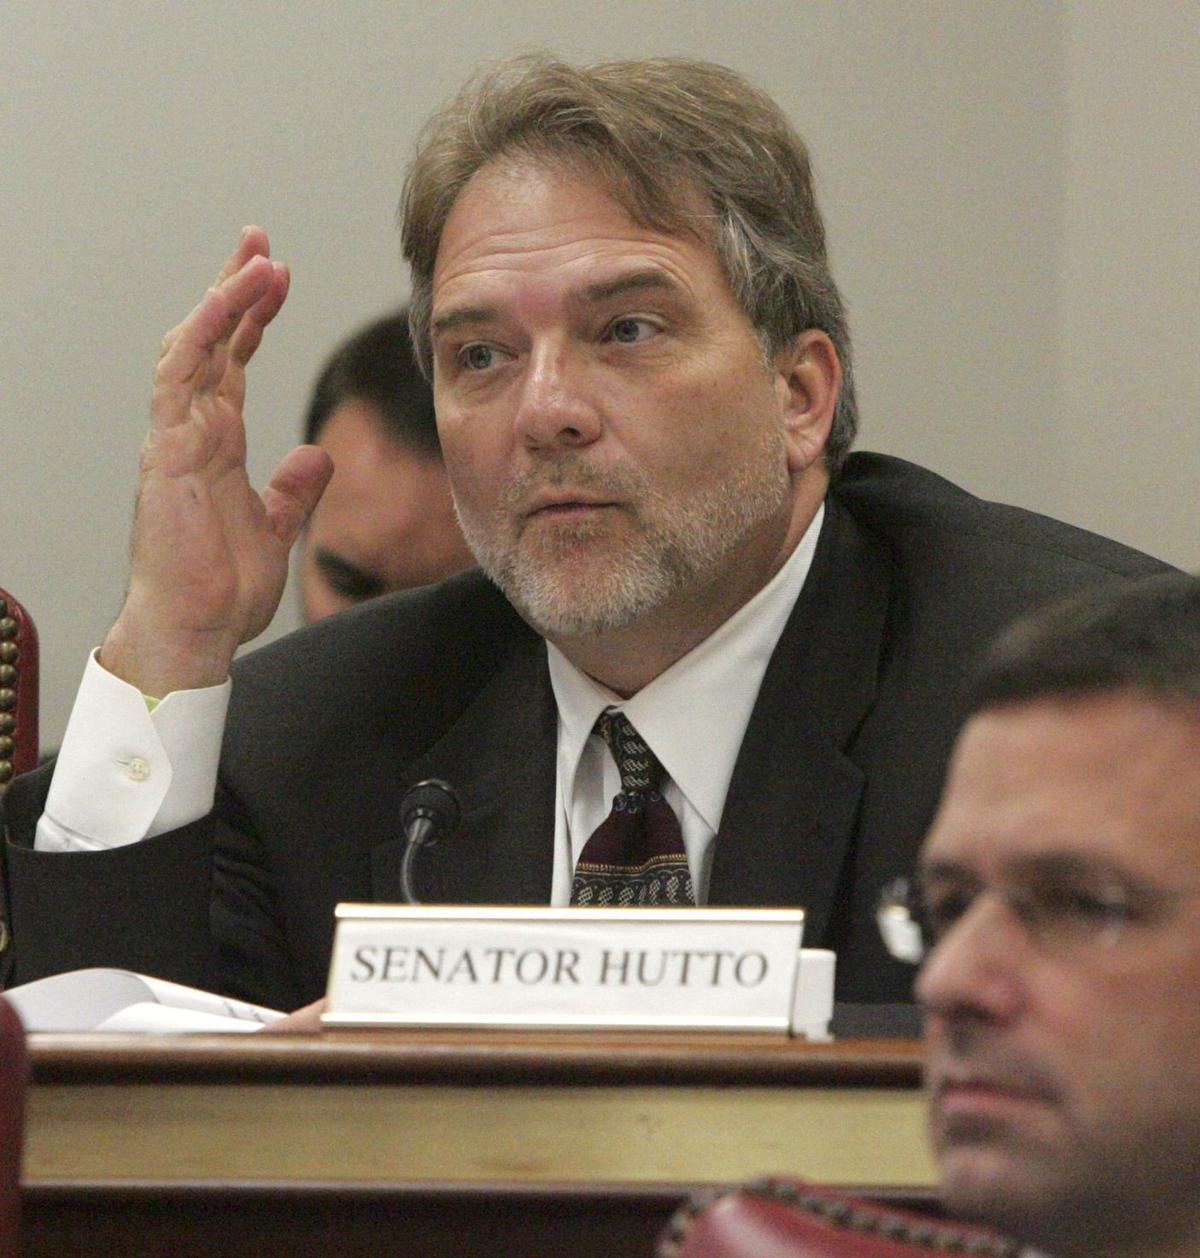 Education group endorses Democrat Brad Hutto for U.S. Senate